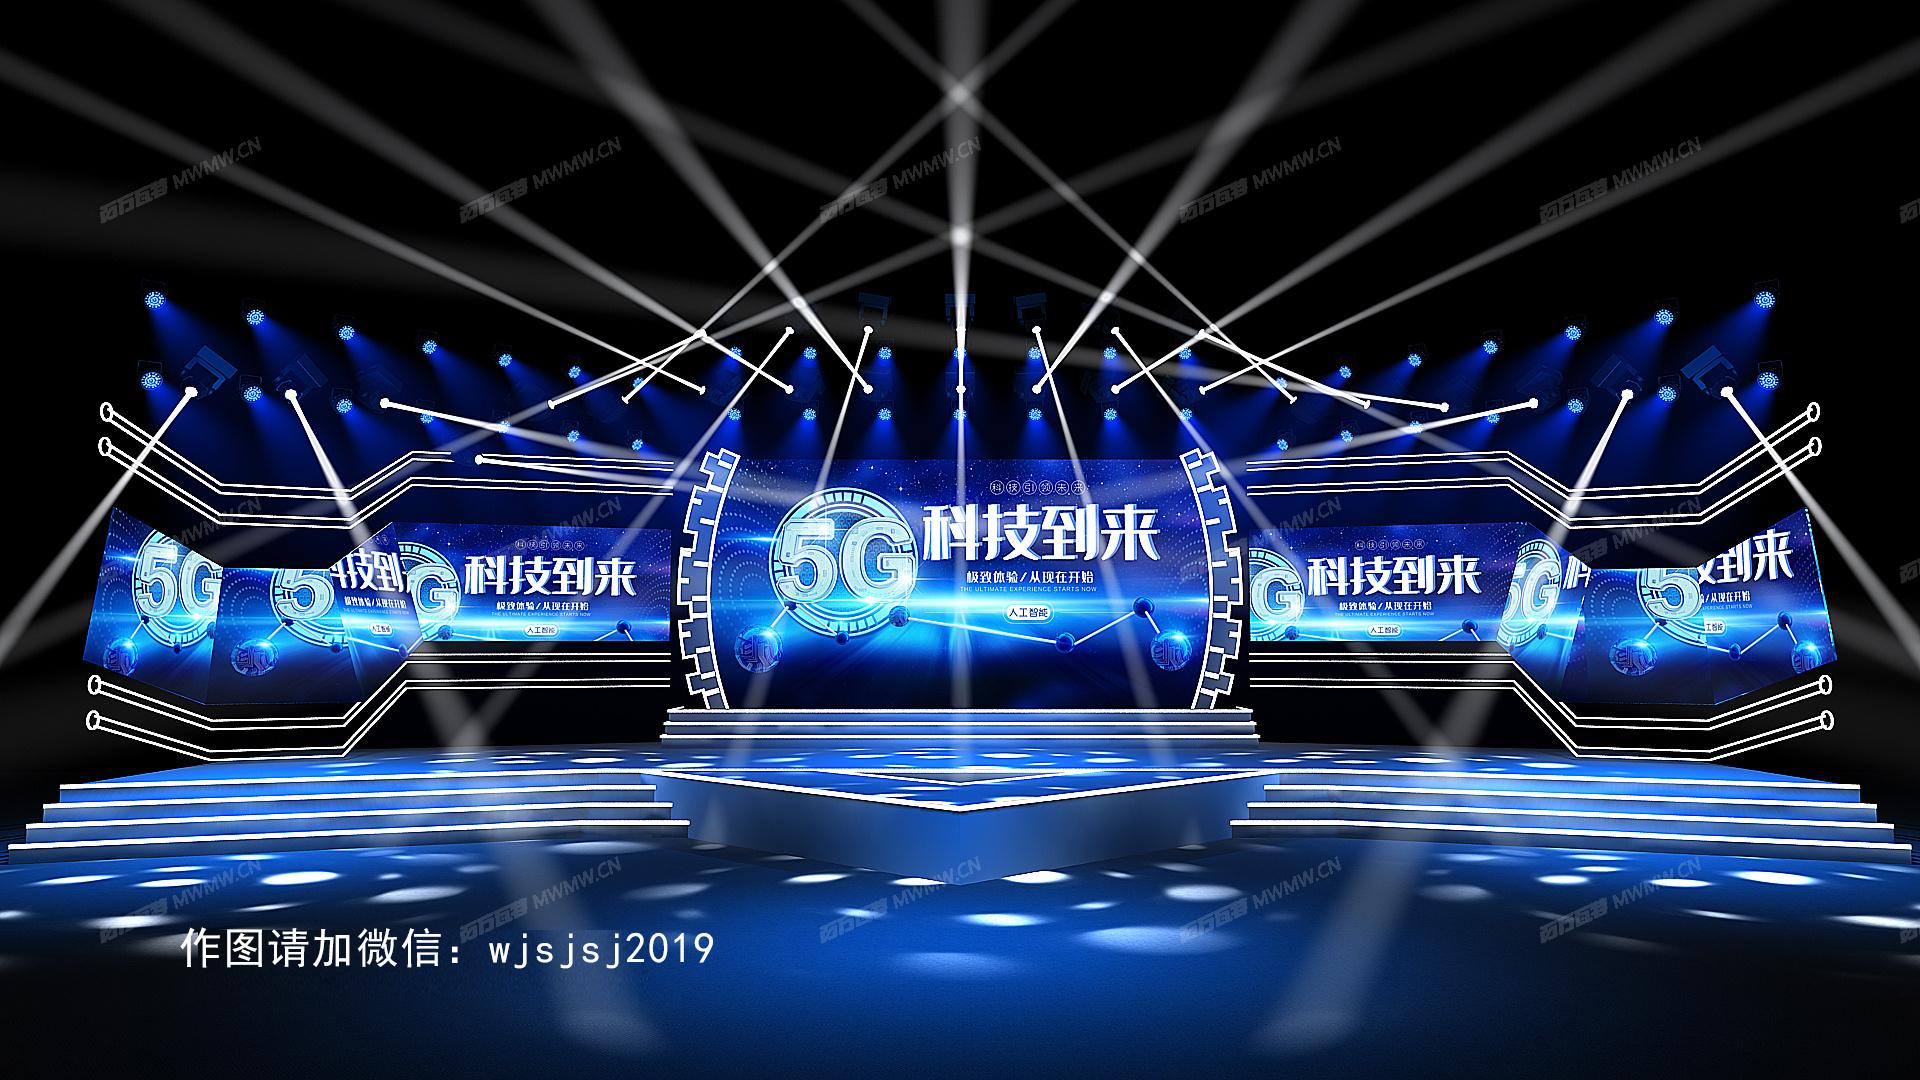 5G发布会舞美 5G发布会舞台 5G会议舞美 5G会议舞台 舞美效果图 舞台效果图 舞美设计图 舞台设计图 麦田舞美 ...